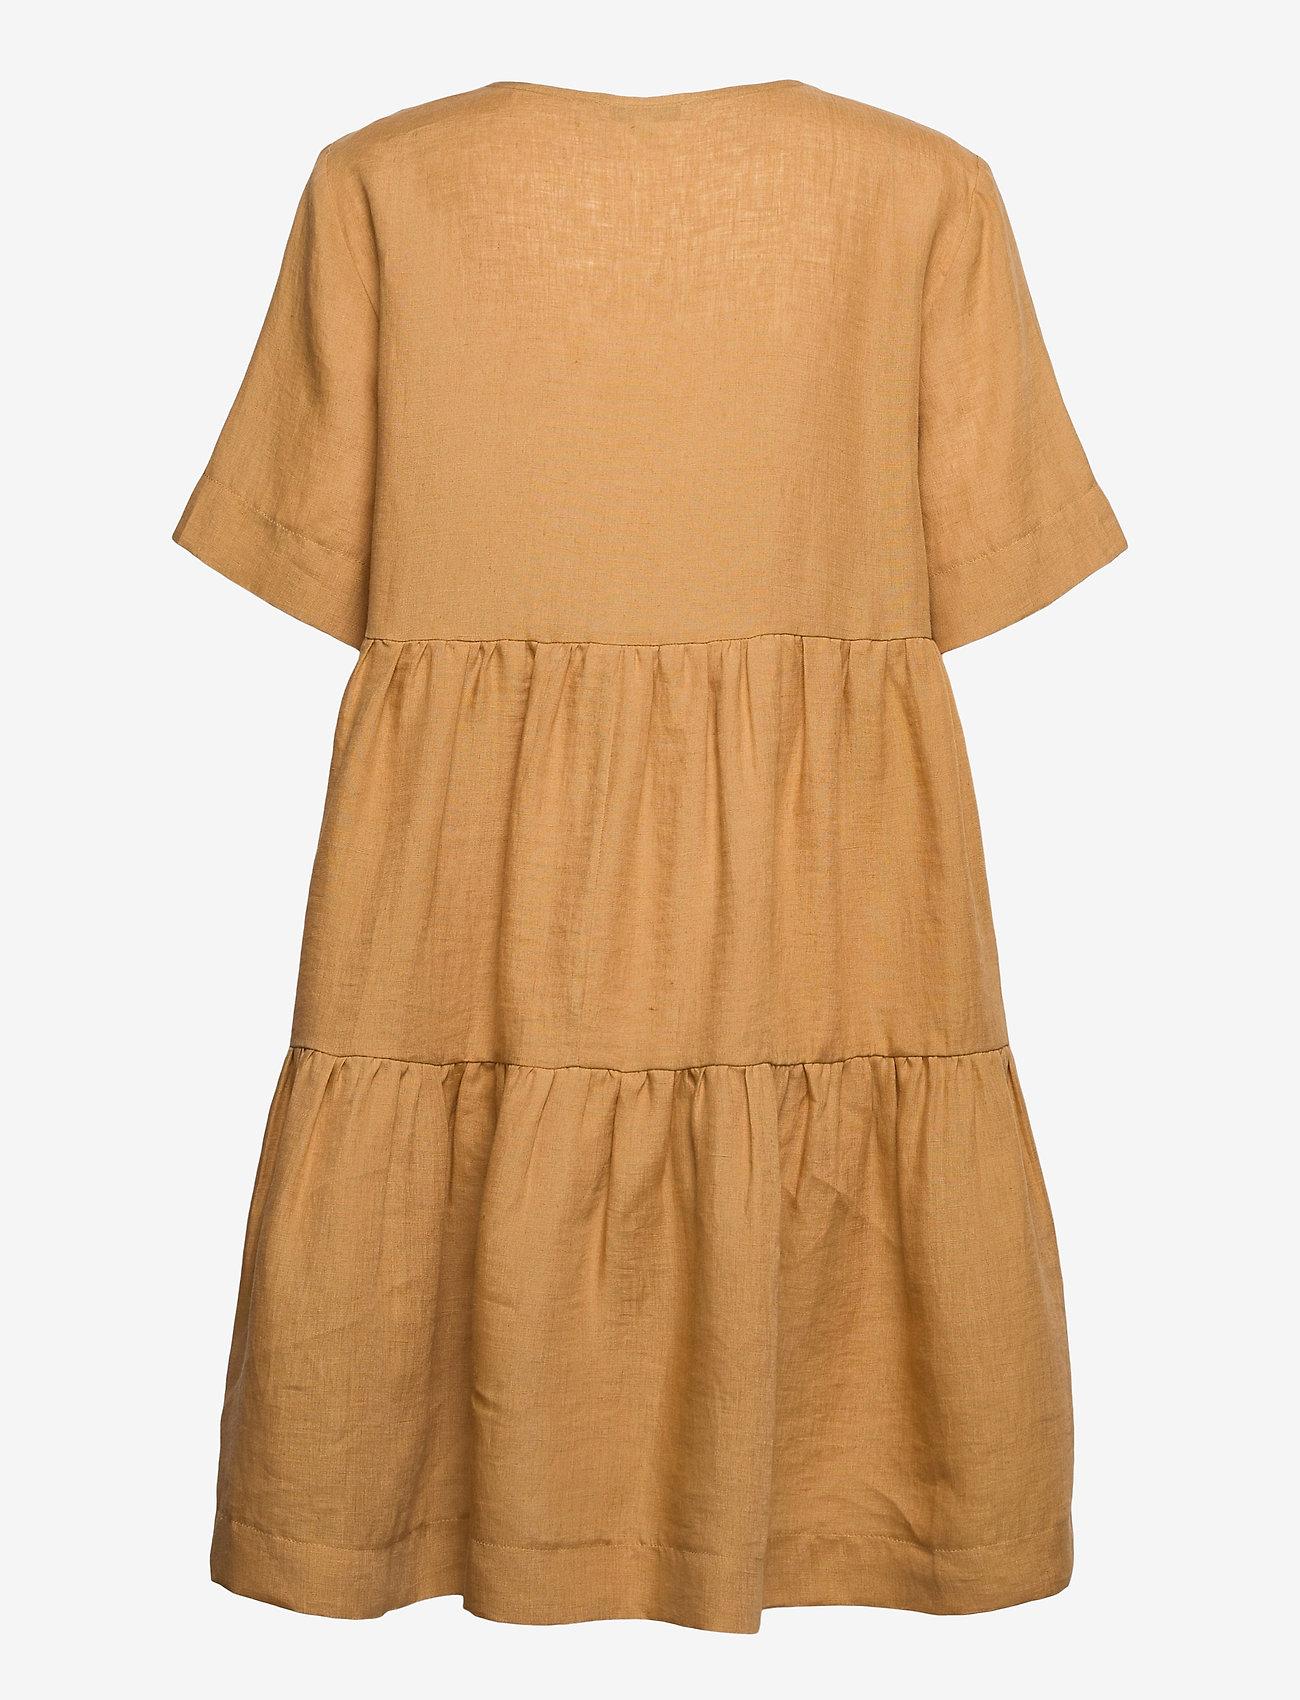 Andiata - Adabella Linen Dress - sundried oak brown - 1